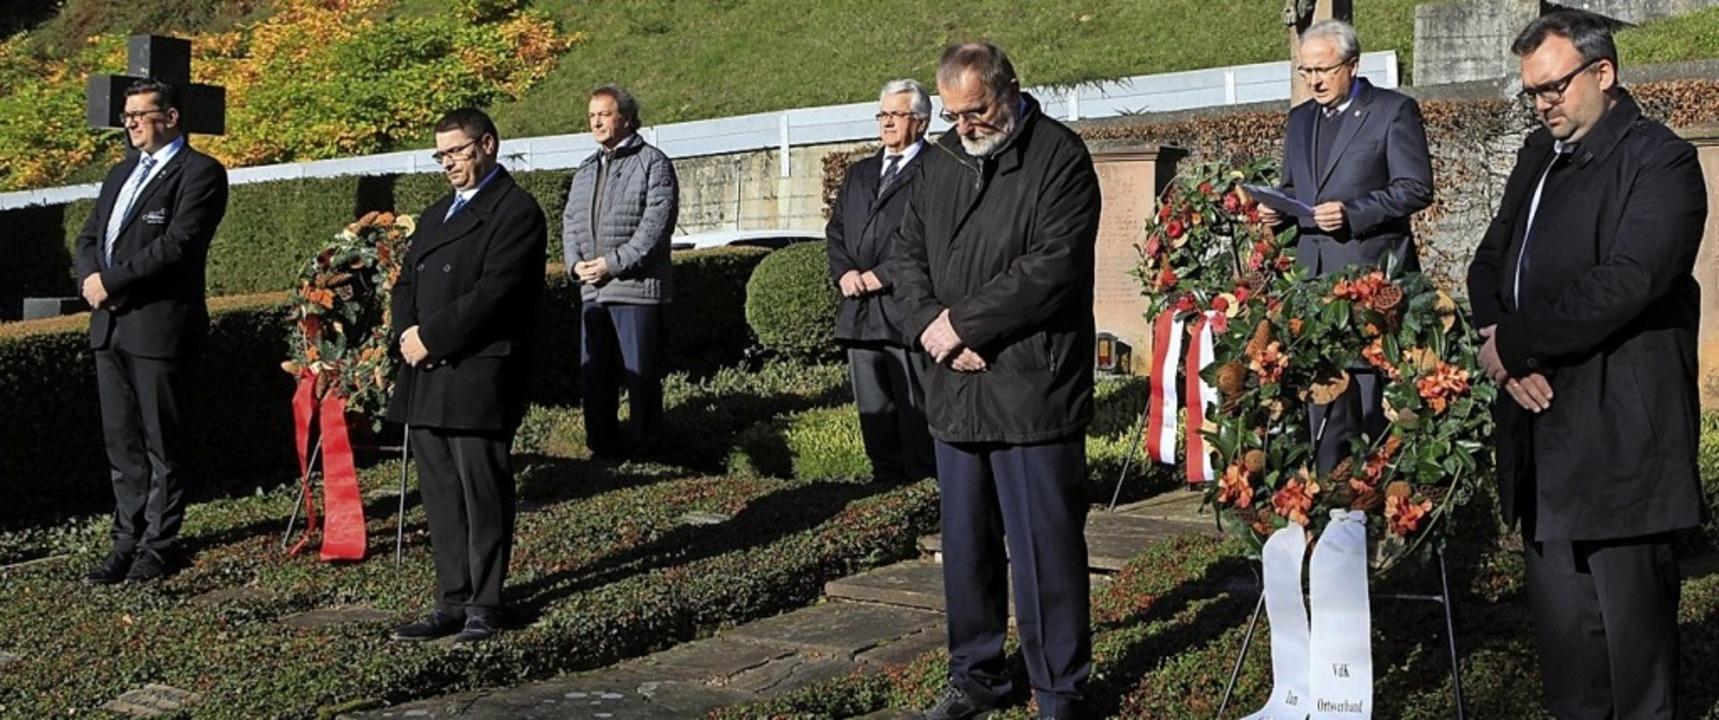 Zum Volkstrauertag gab es in Zell ein stilles Gedenken.   | Foto: privat